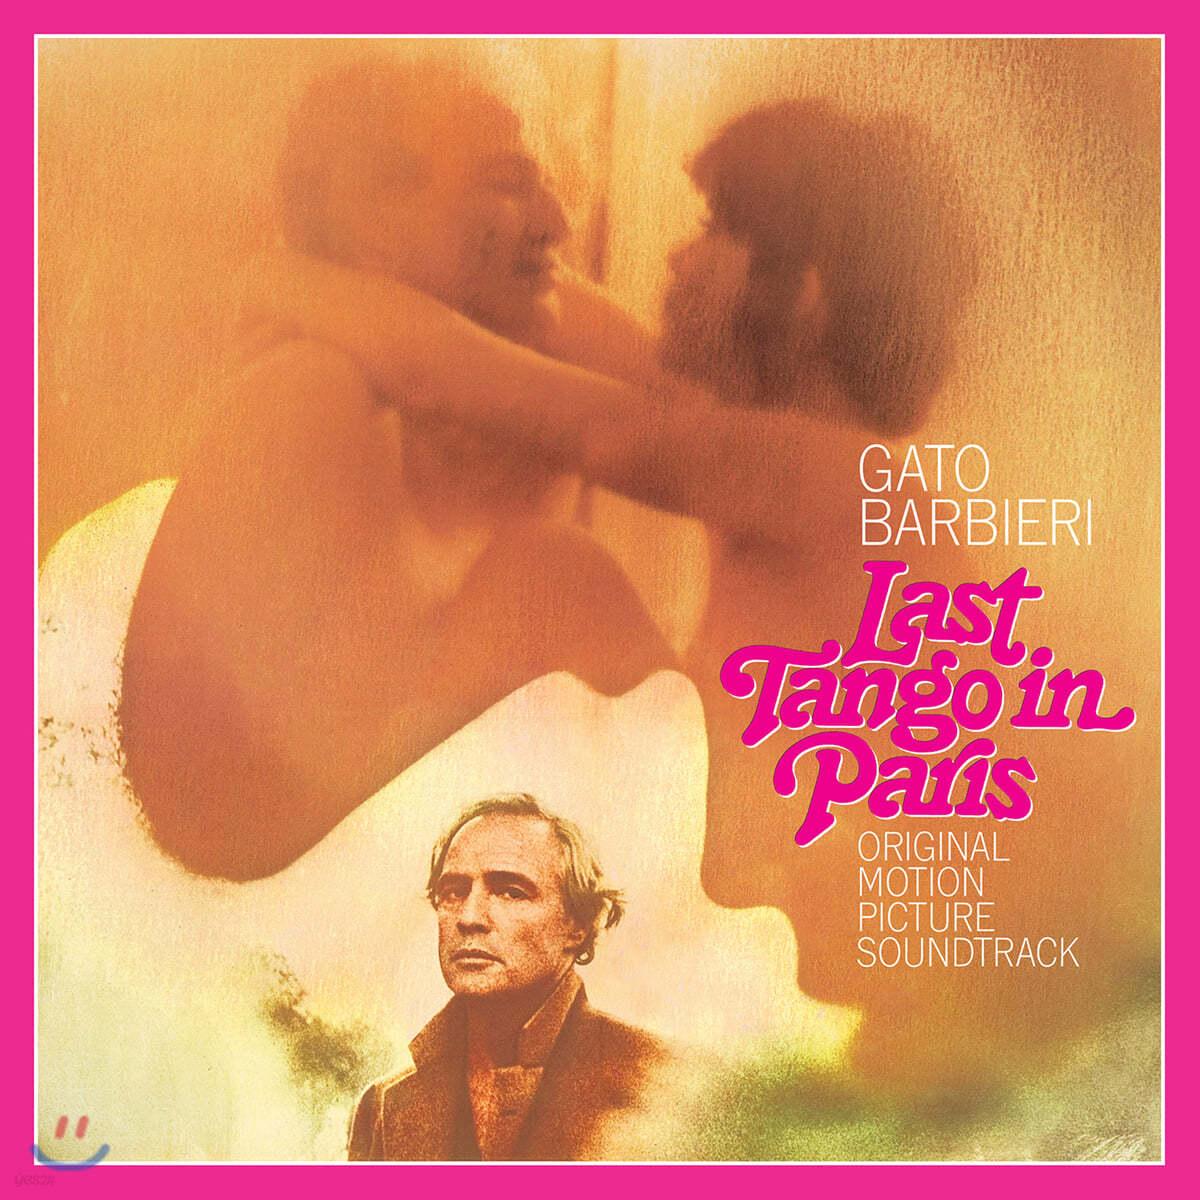 파리에서의 마지막 탱고 영화음악 (Last tango in Paris OST by Gato Barbieri) [핑크 컬러 LP]